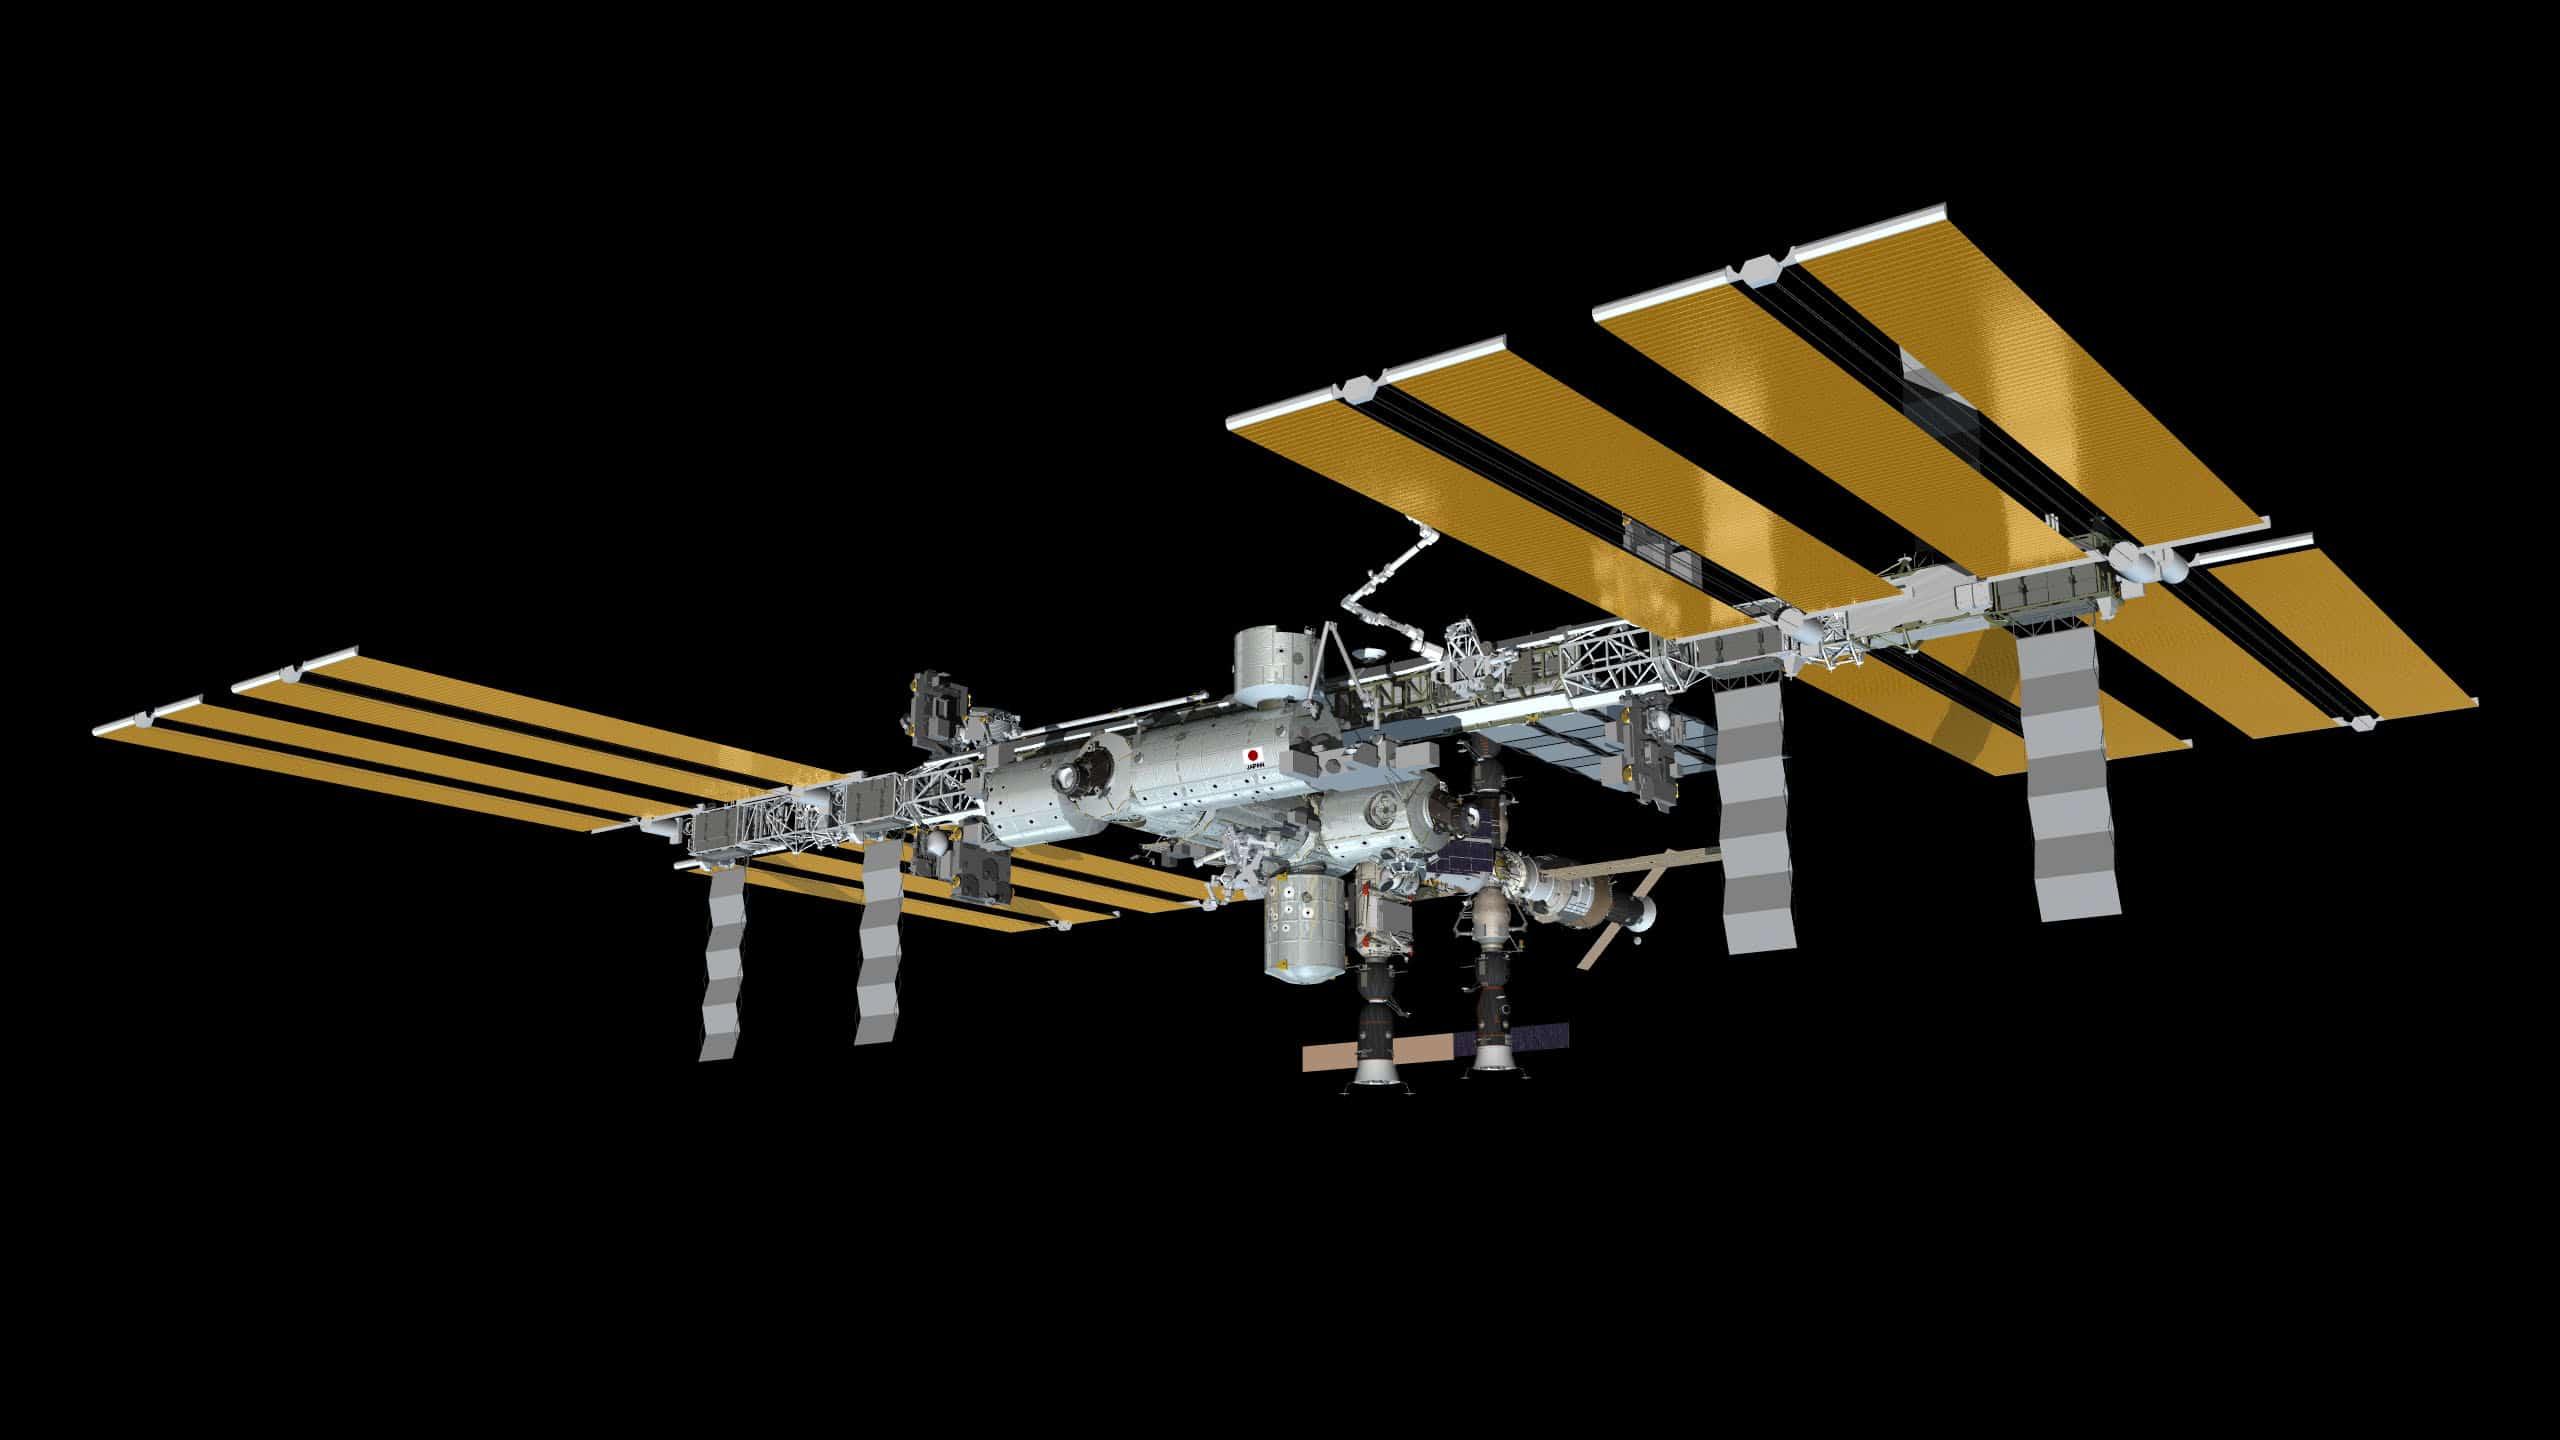 Die internationale Raumstation ISS. Johannes Kopf schlägt vor, die IS als paradoxe Intervention mit der Raumstation zu bebildern. (Bild NASA)